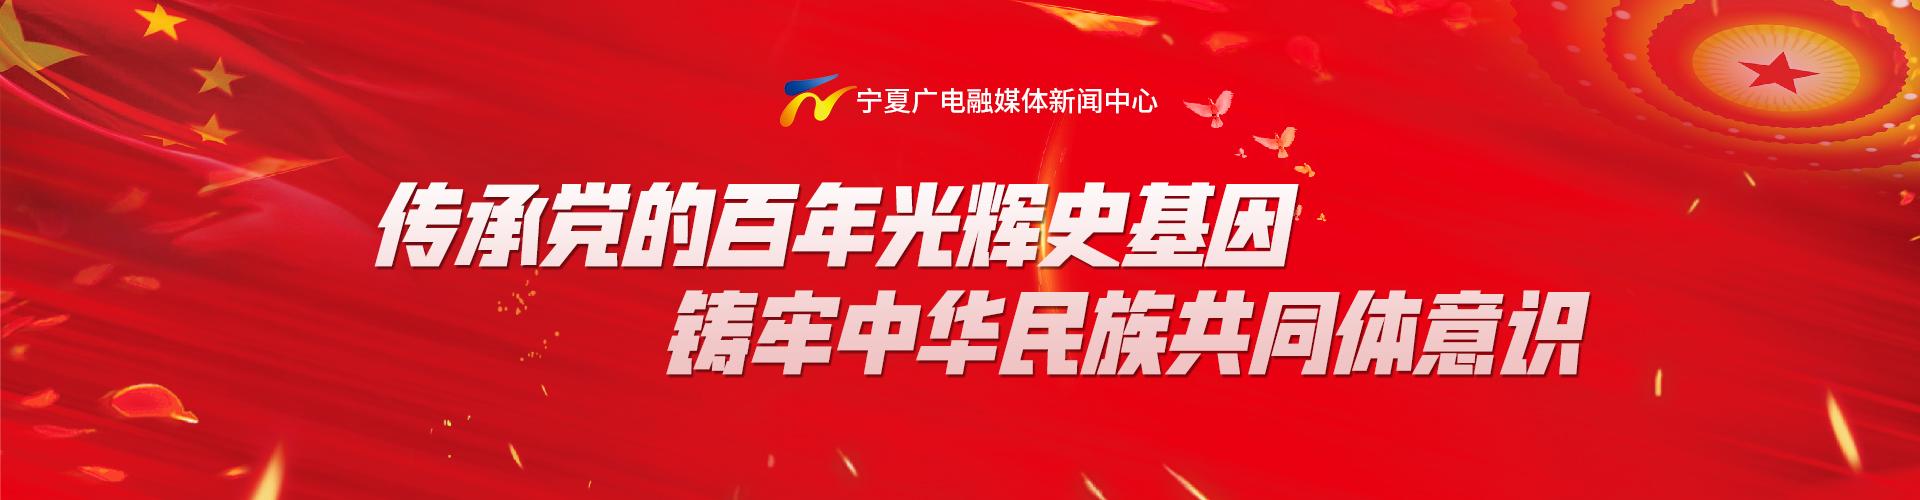 传承党的百年光辉史基因 铸牢中华民族共同体意识